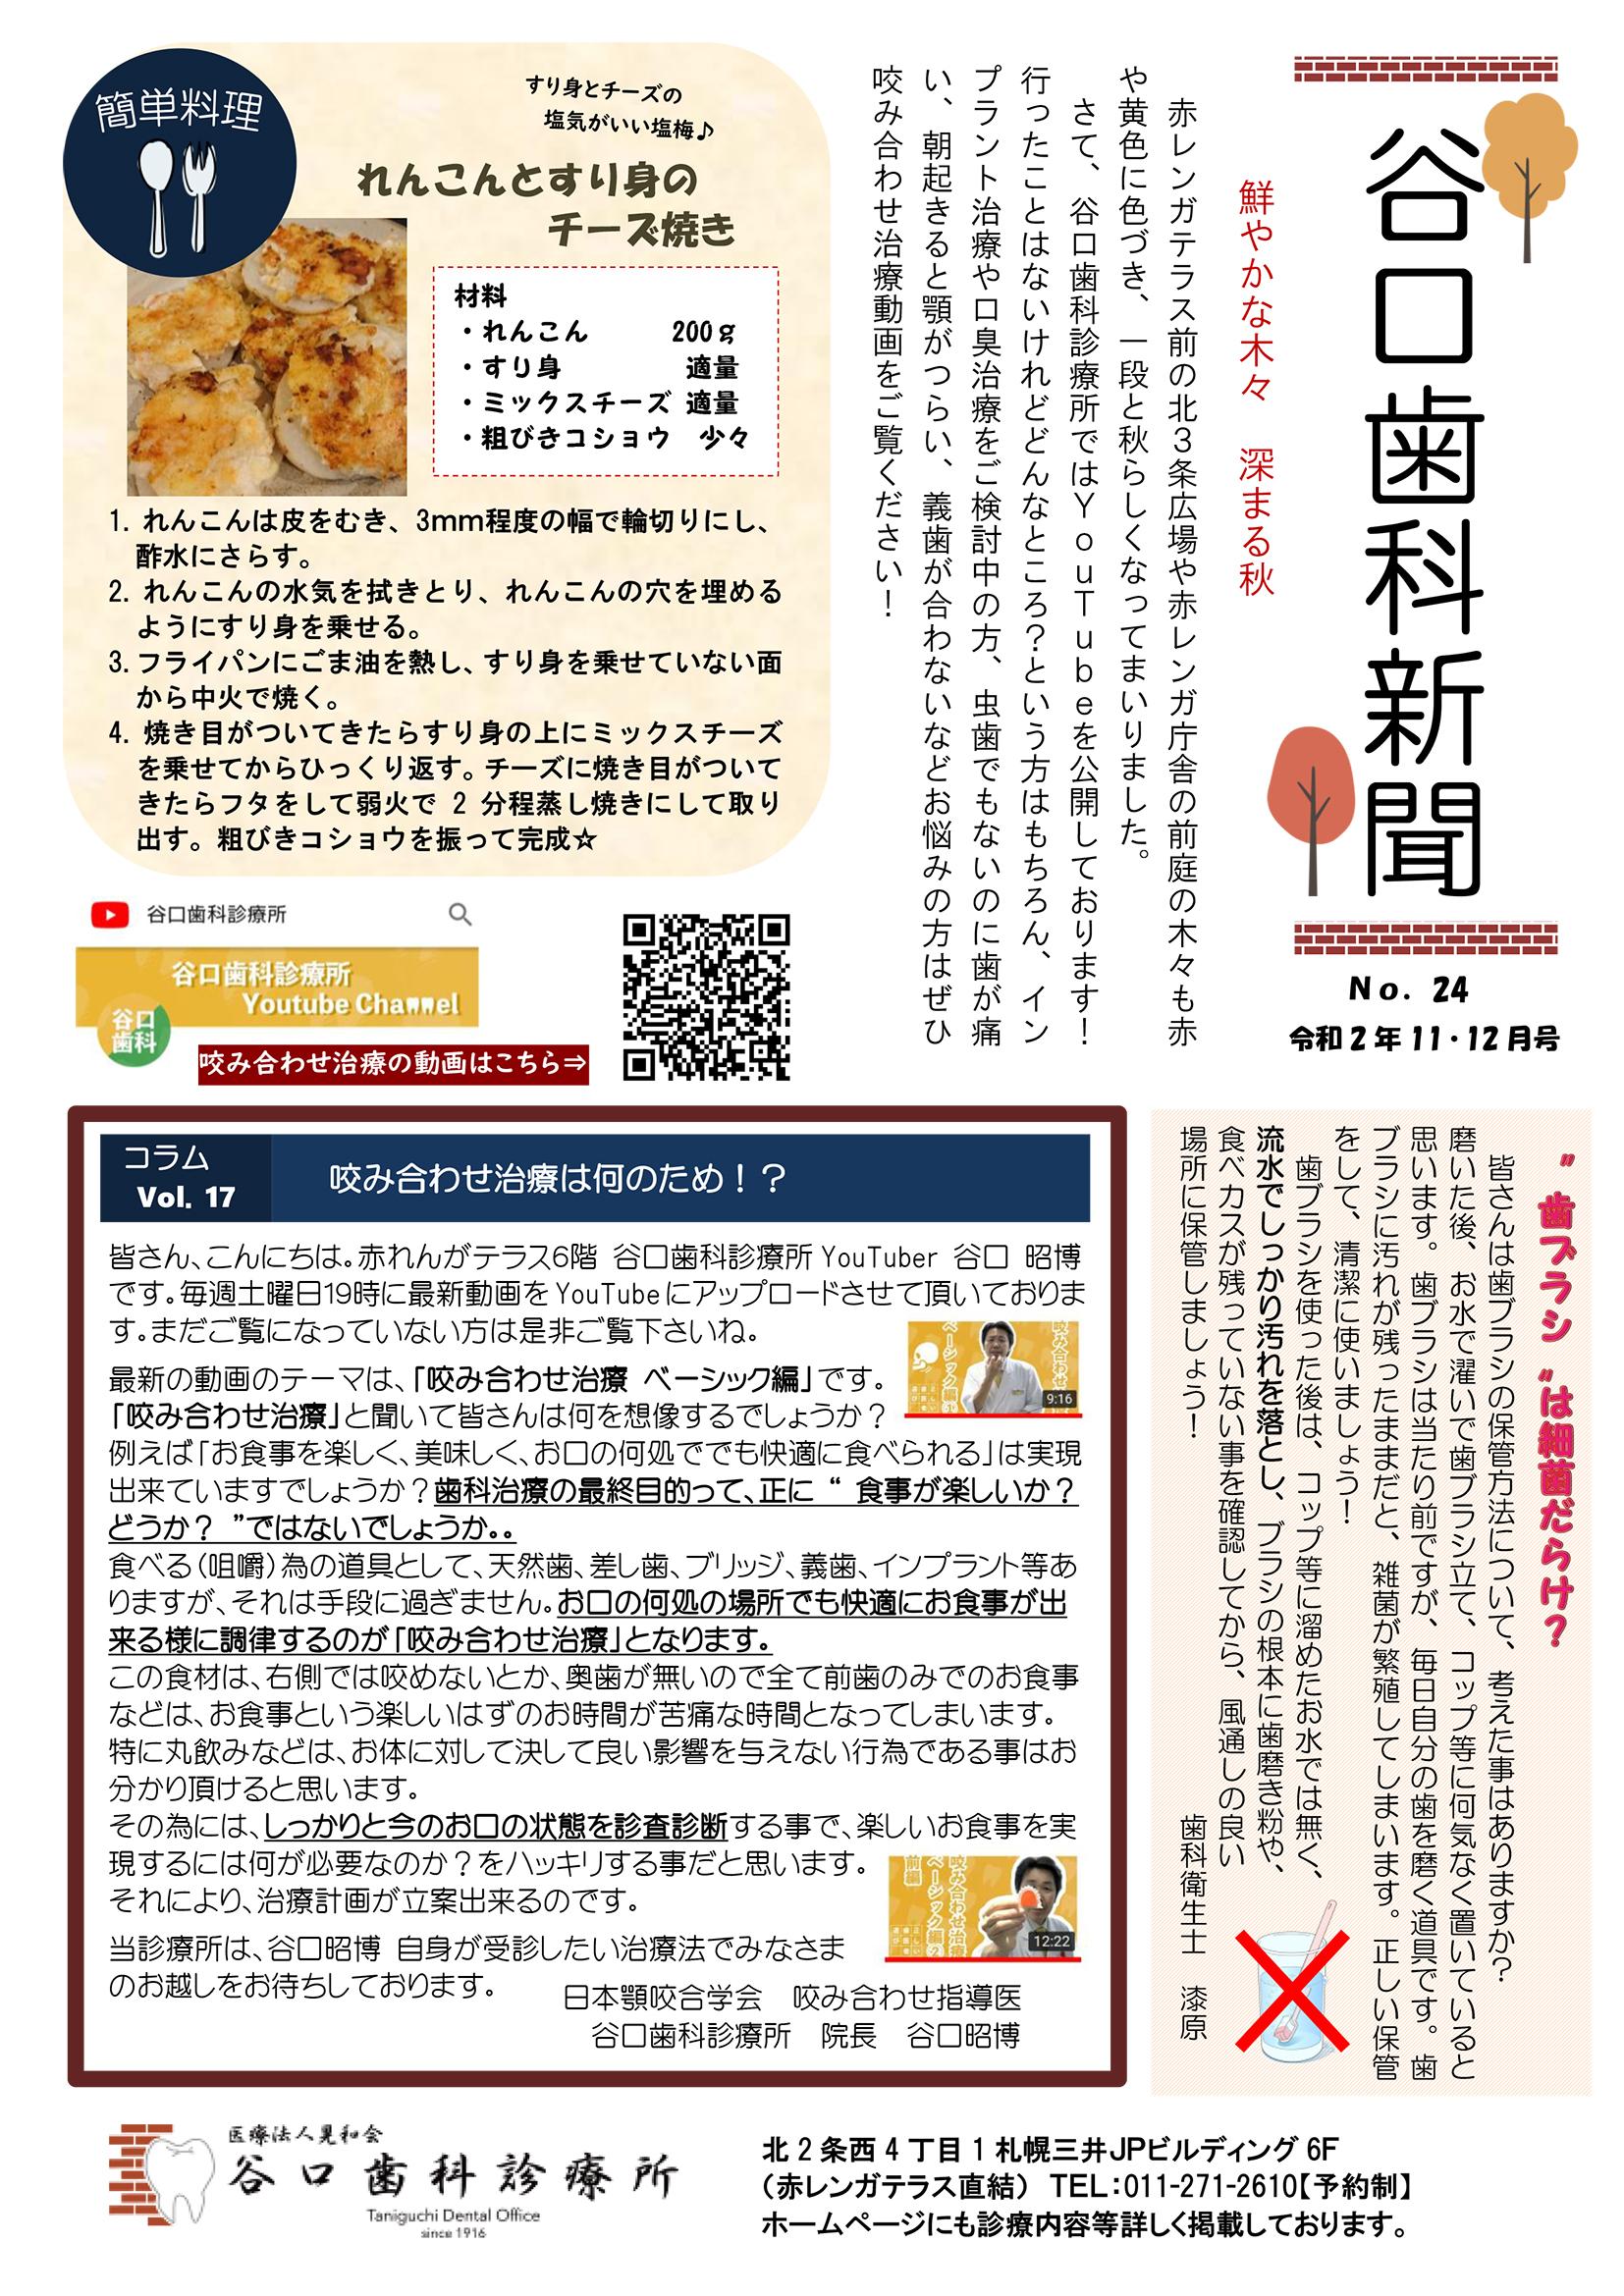 谷口歯科新聞R02年11・12月